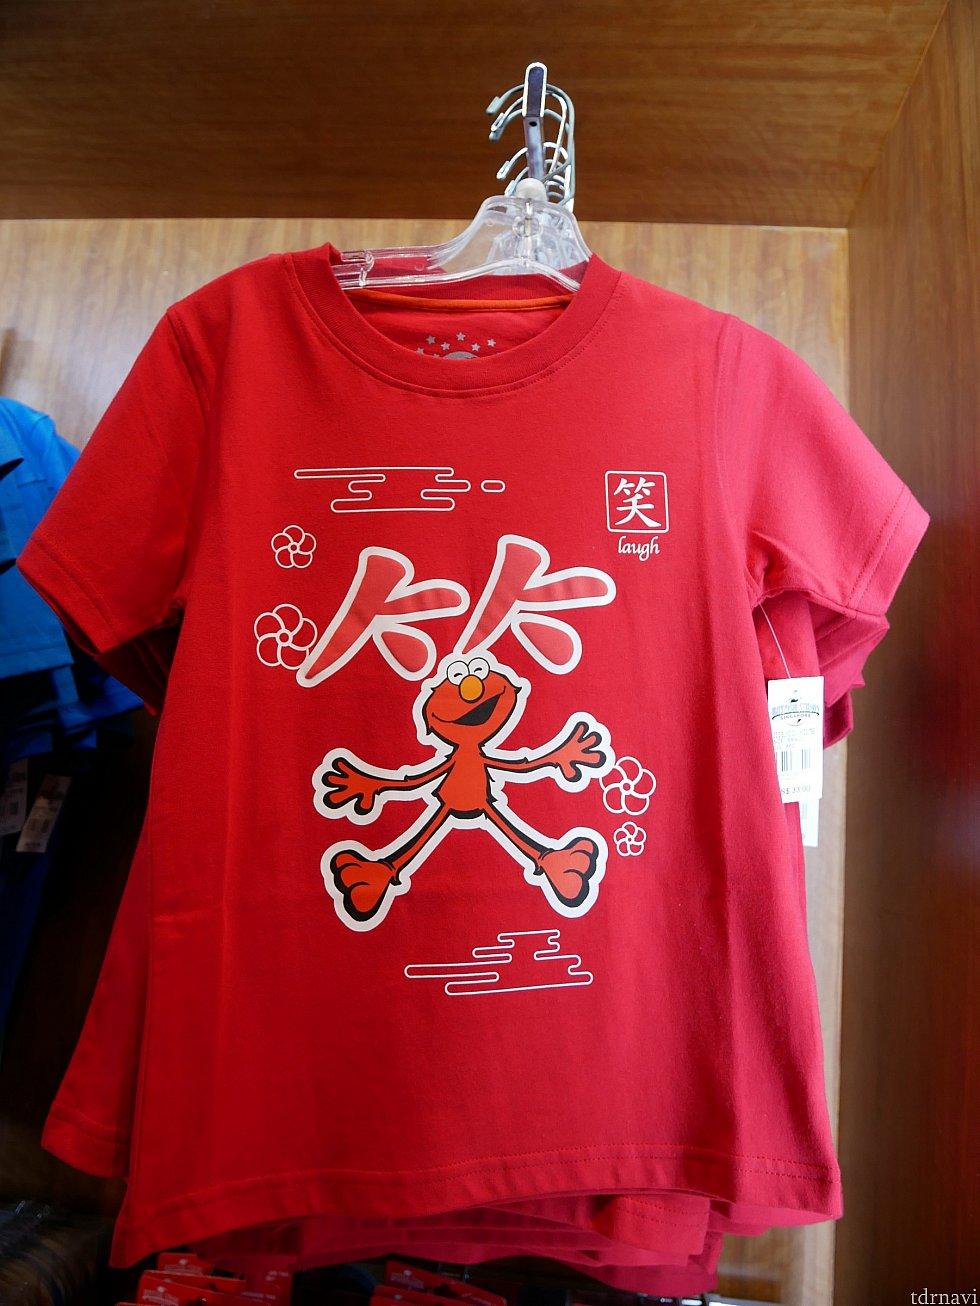 33ドル(2700円) 外国人が漢字Tシャツを着る感覚を味わえそうです。